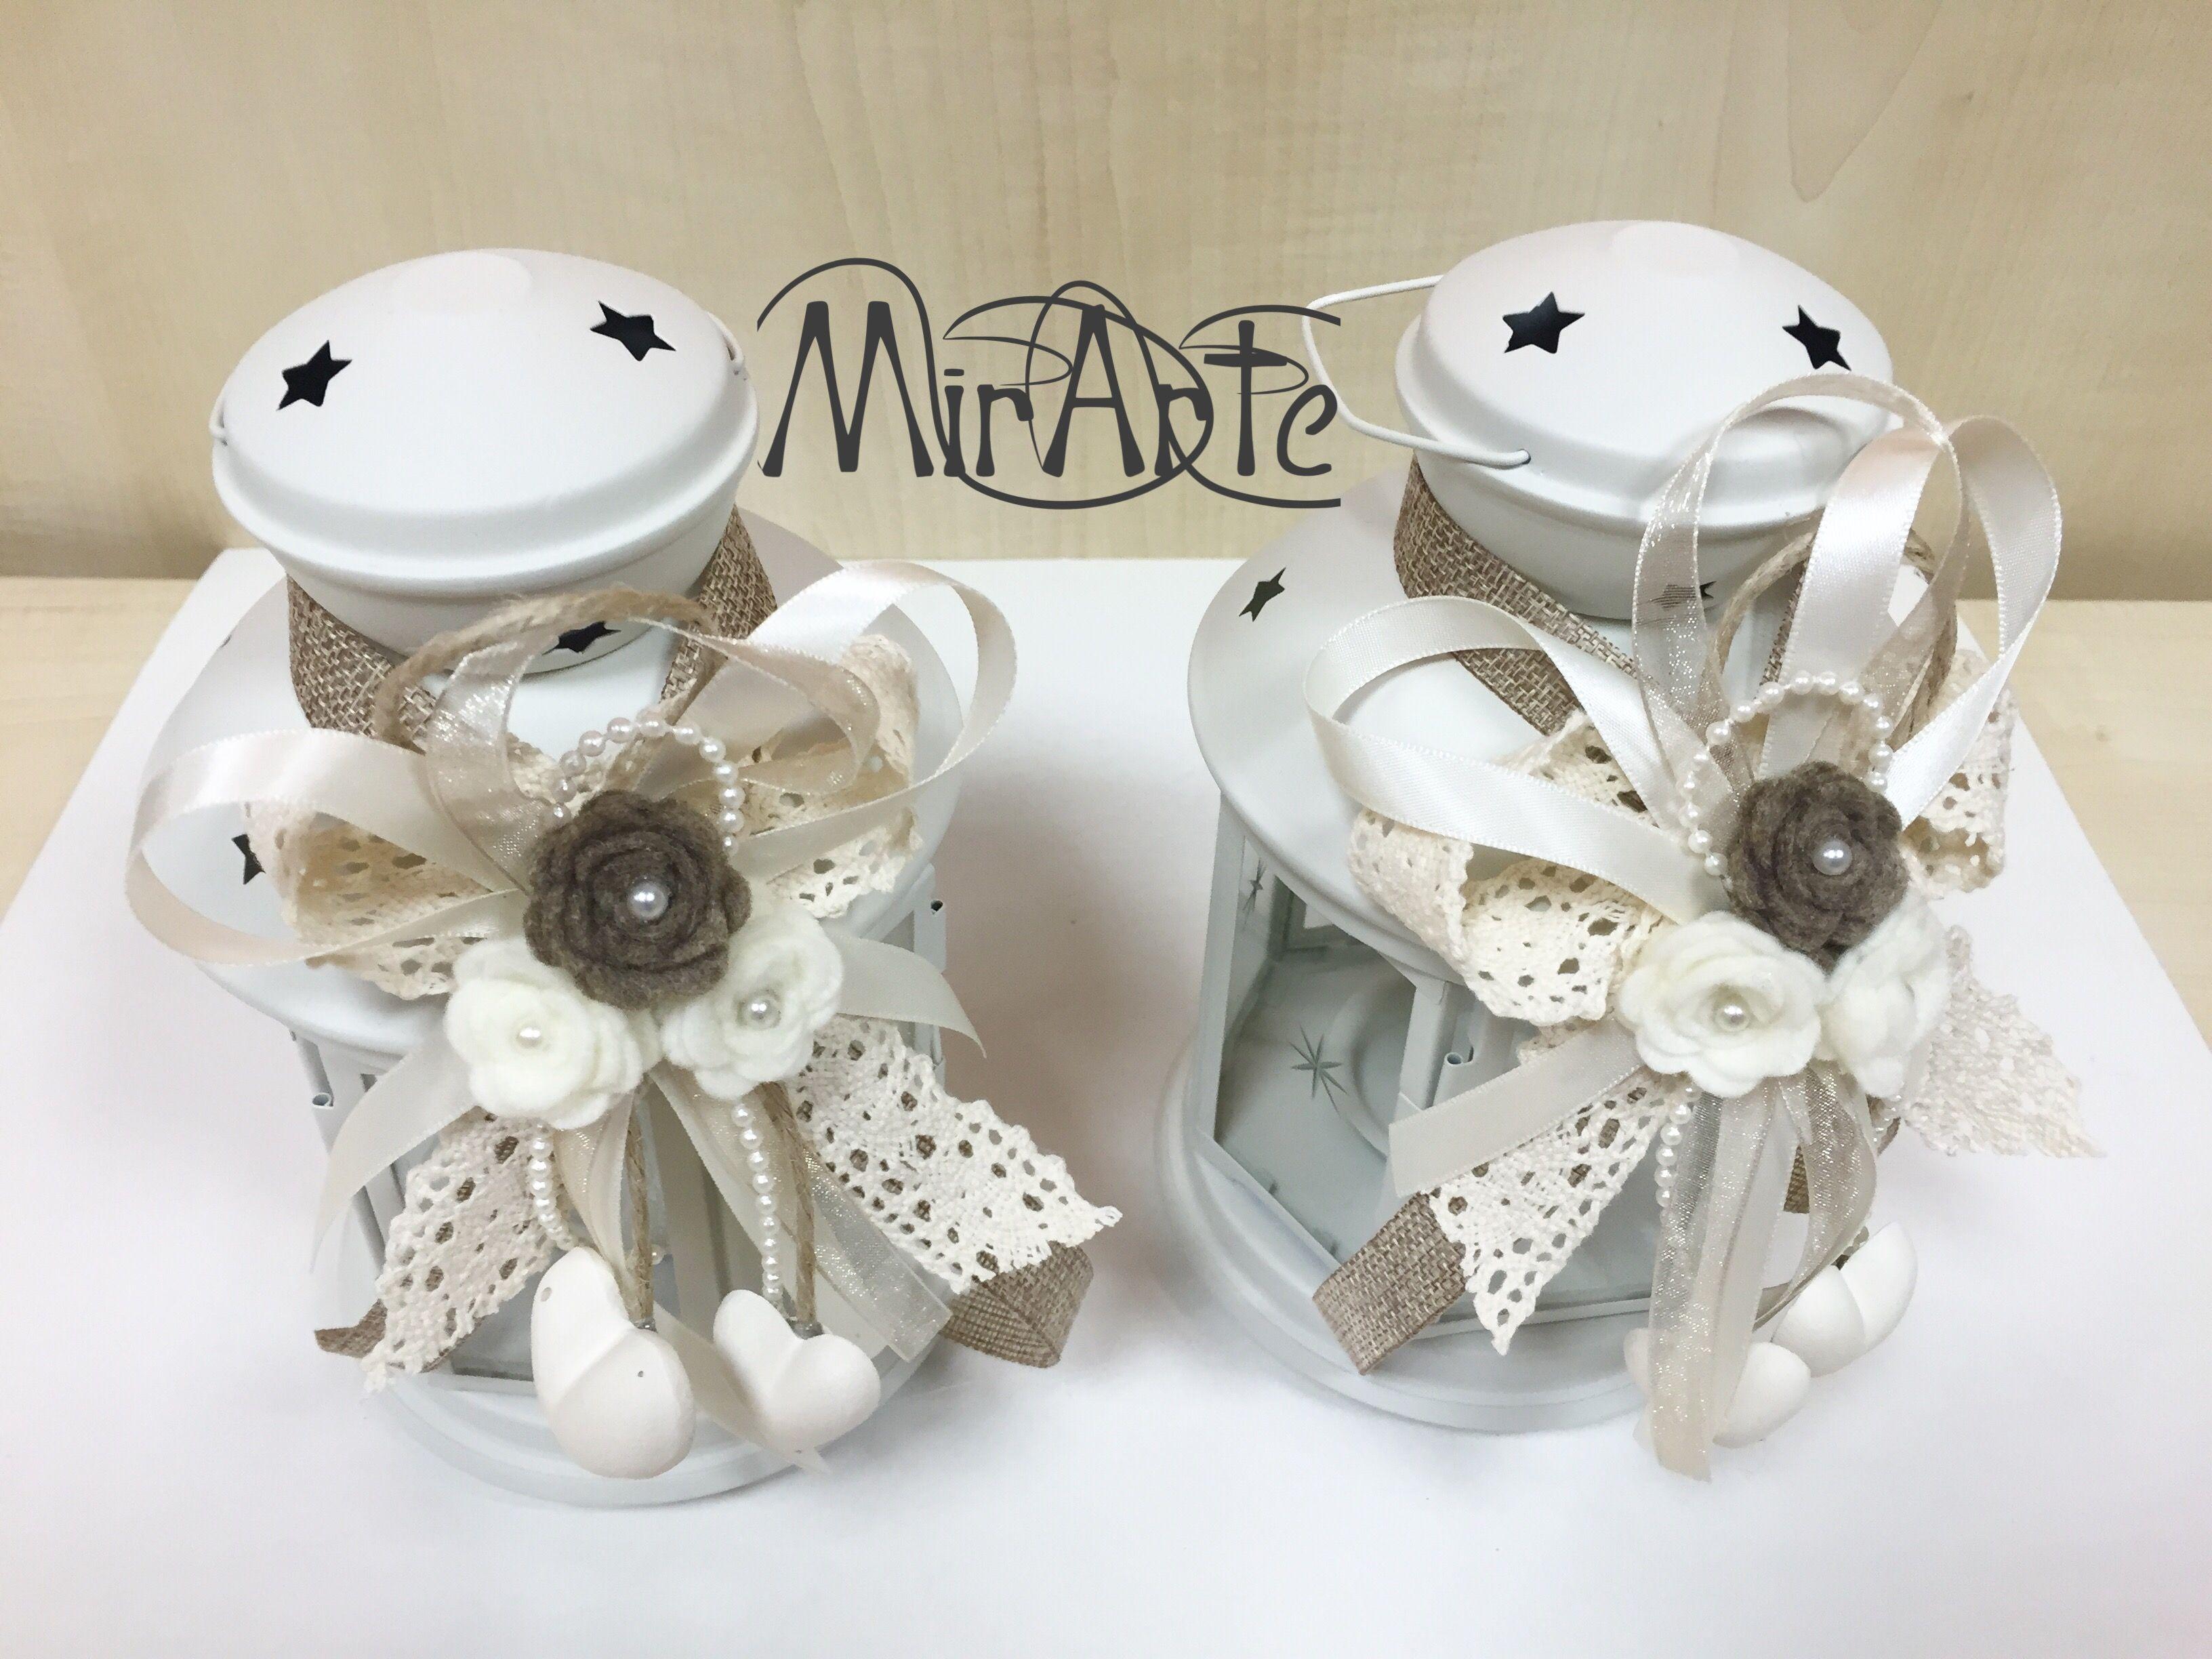 Lanterne ikea adornate in stile shabby chic fiori feltro e cuori